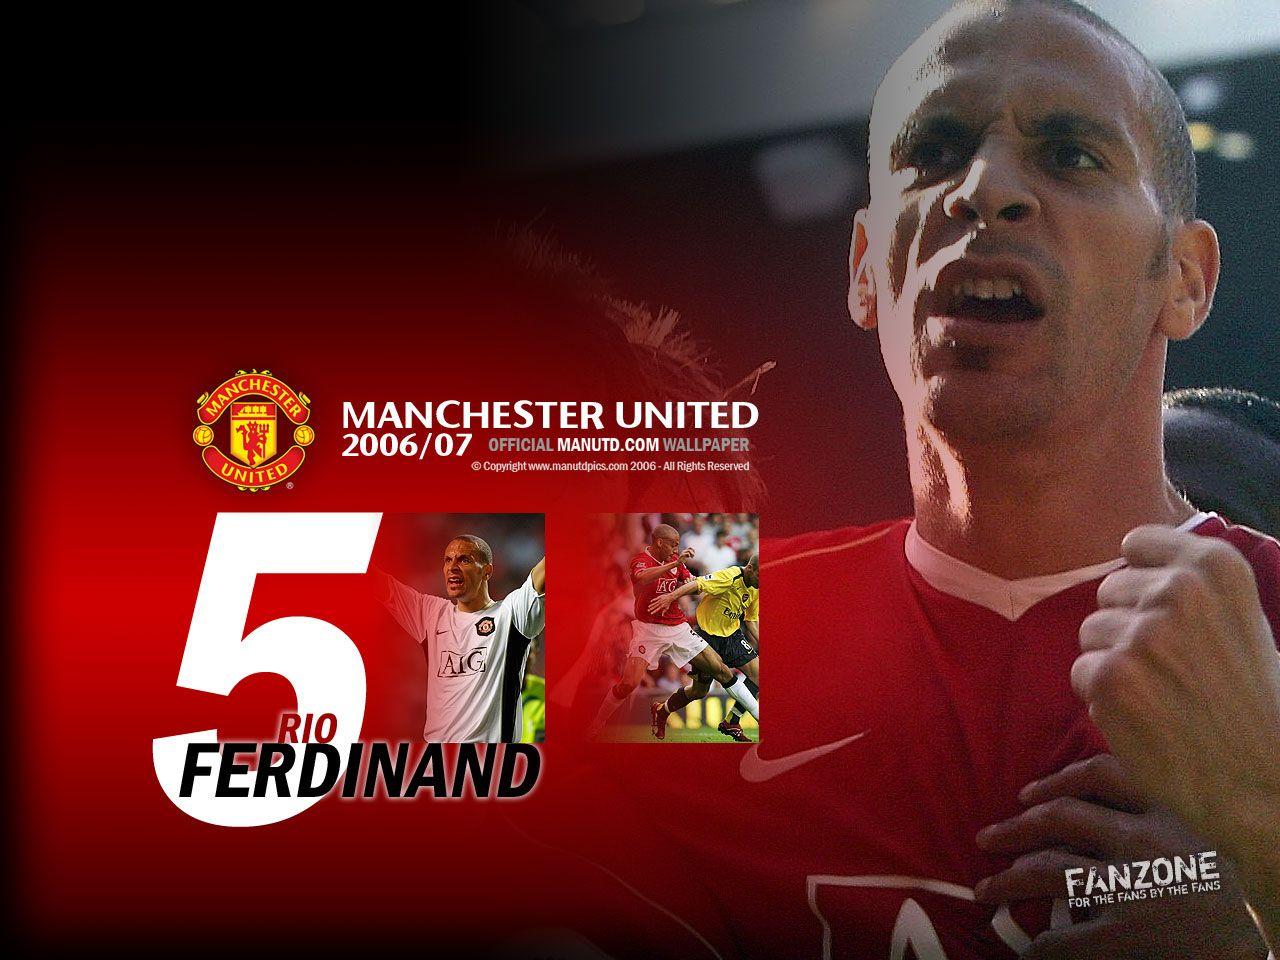 http://1.bp.blogspot.com/-yxIpN38MIL8/TiG876jdgjI/AAAAAAAABPI/eeOjcKGgmuc/s1600/Rio+Ferdinand+Wallpaper+2.jpg